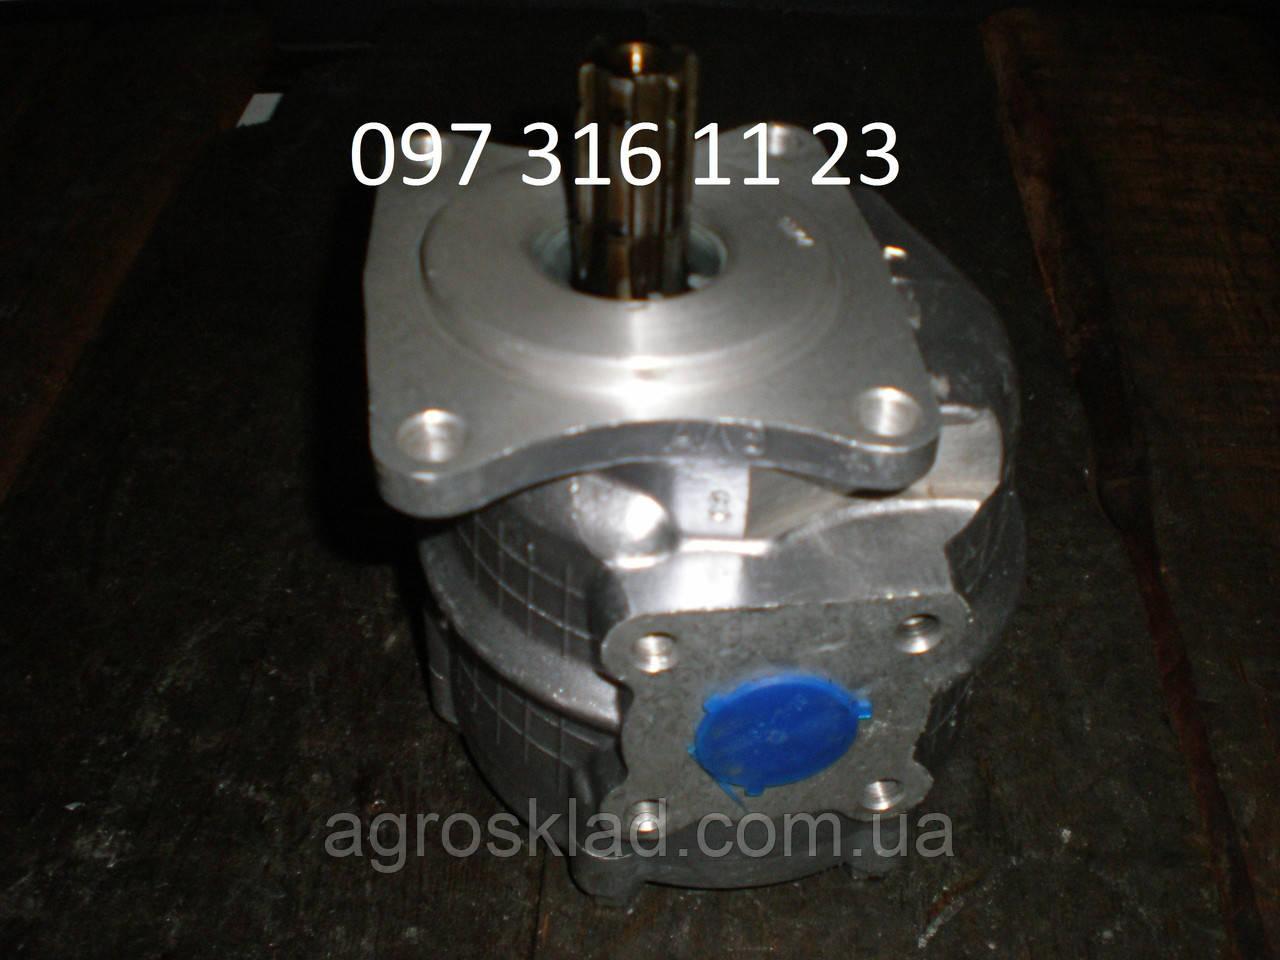 Насос НШ-32А-3 правого вращения (круглый)